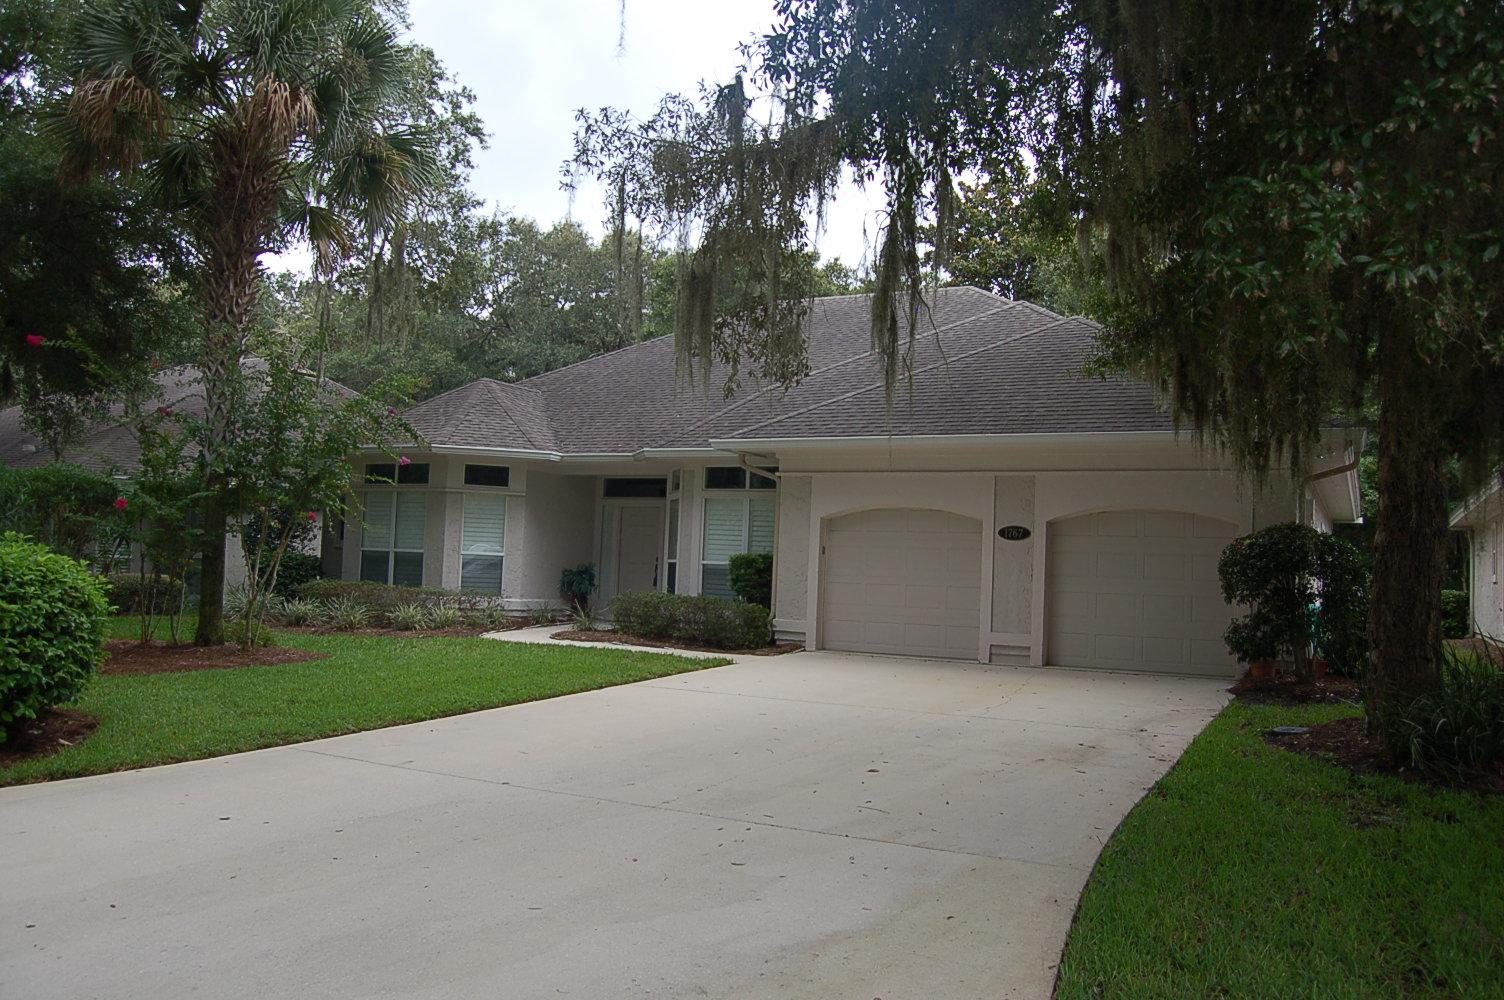 단독 가정 주택 용 매매 에 1767 Ocean Village Dr Amelia Island, 플로리다 32034 미국